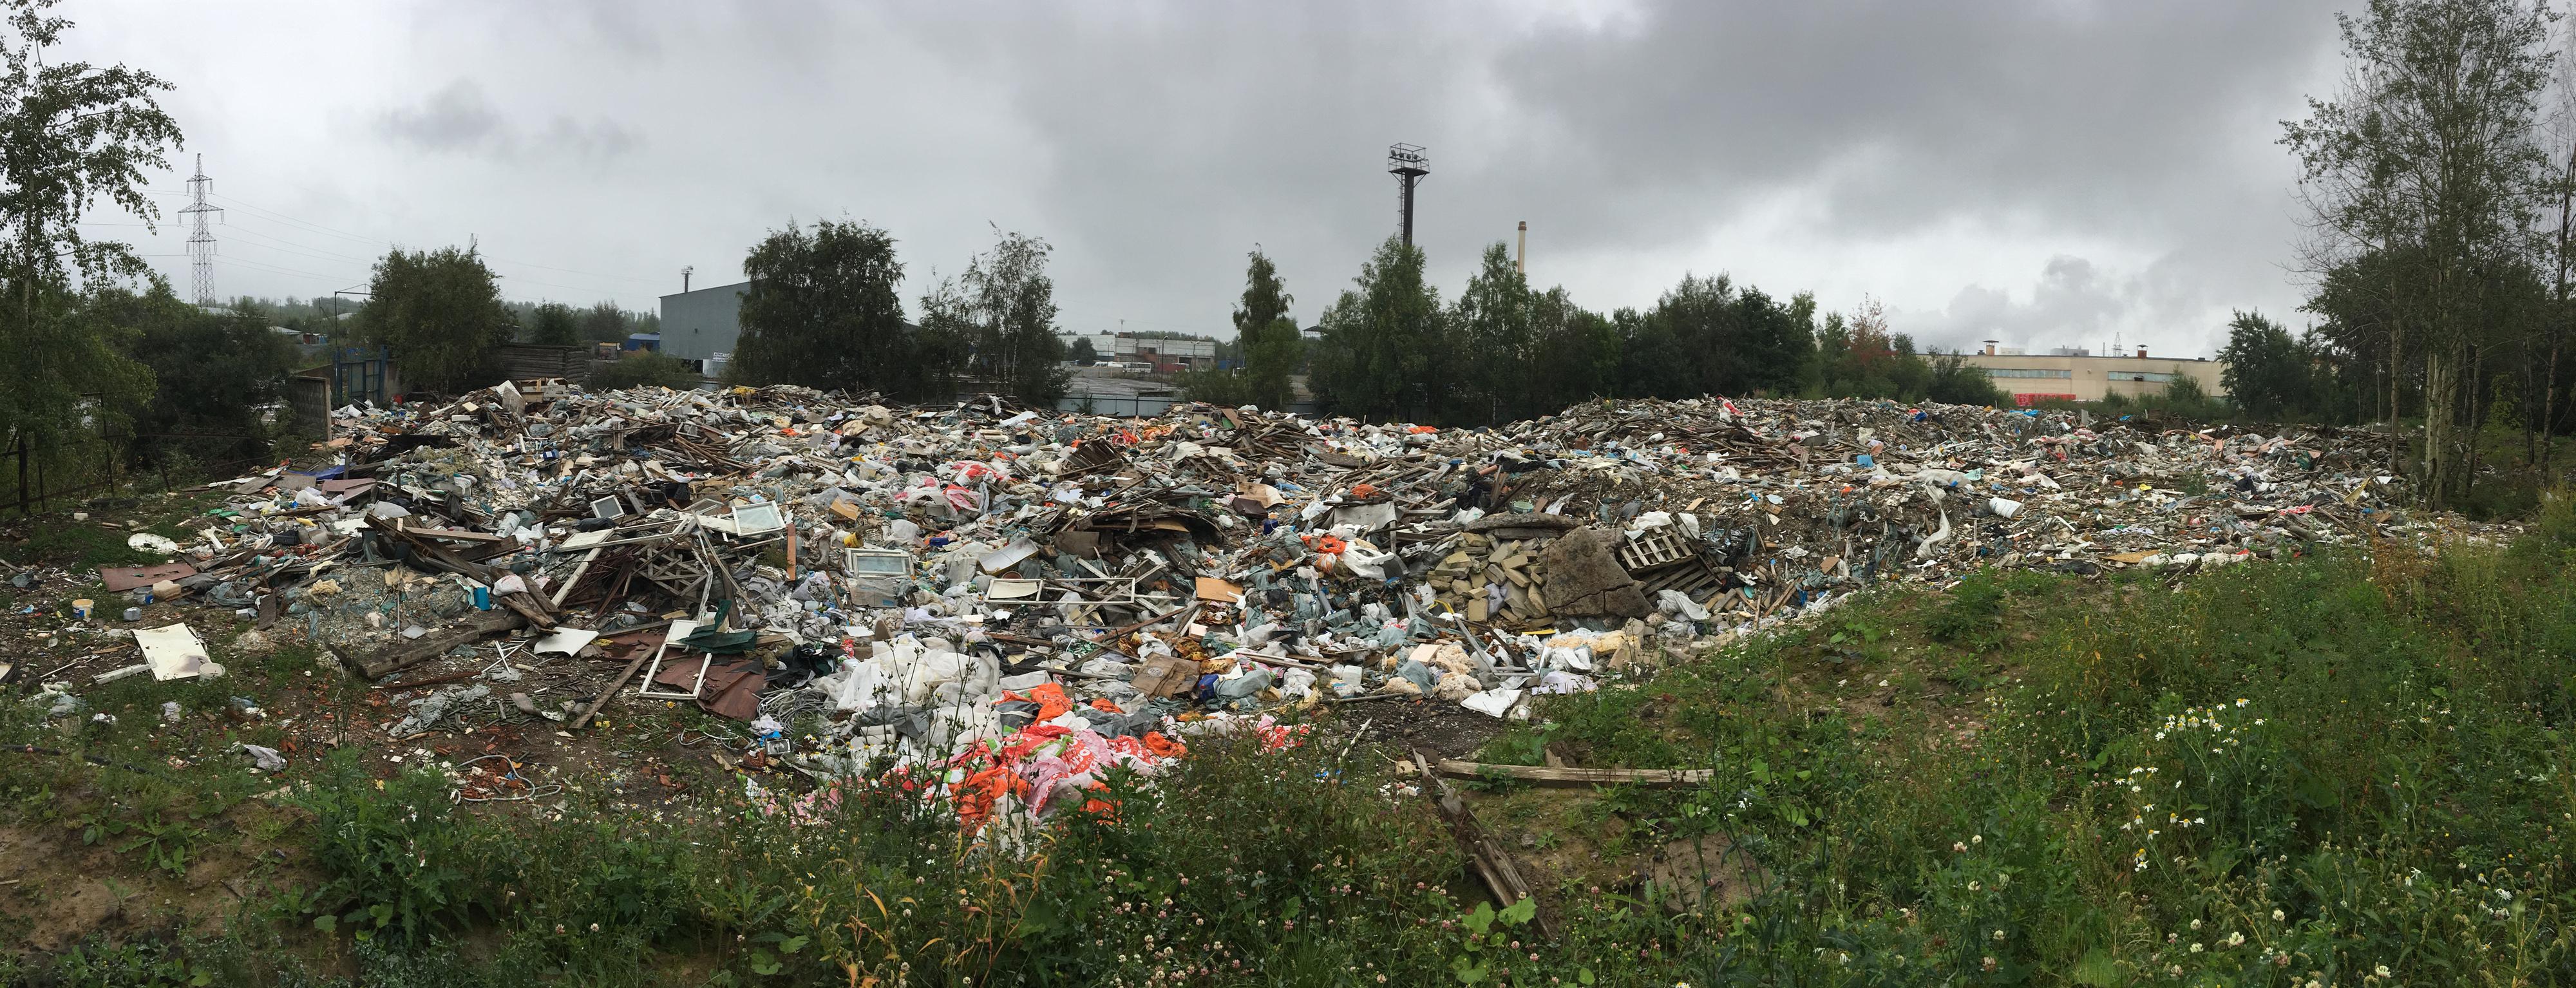 Подступы к строящемуся кварталу под Колпино завалили опасным мусором (Иллюстрация 1 из 1) (Фото: МОО